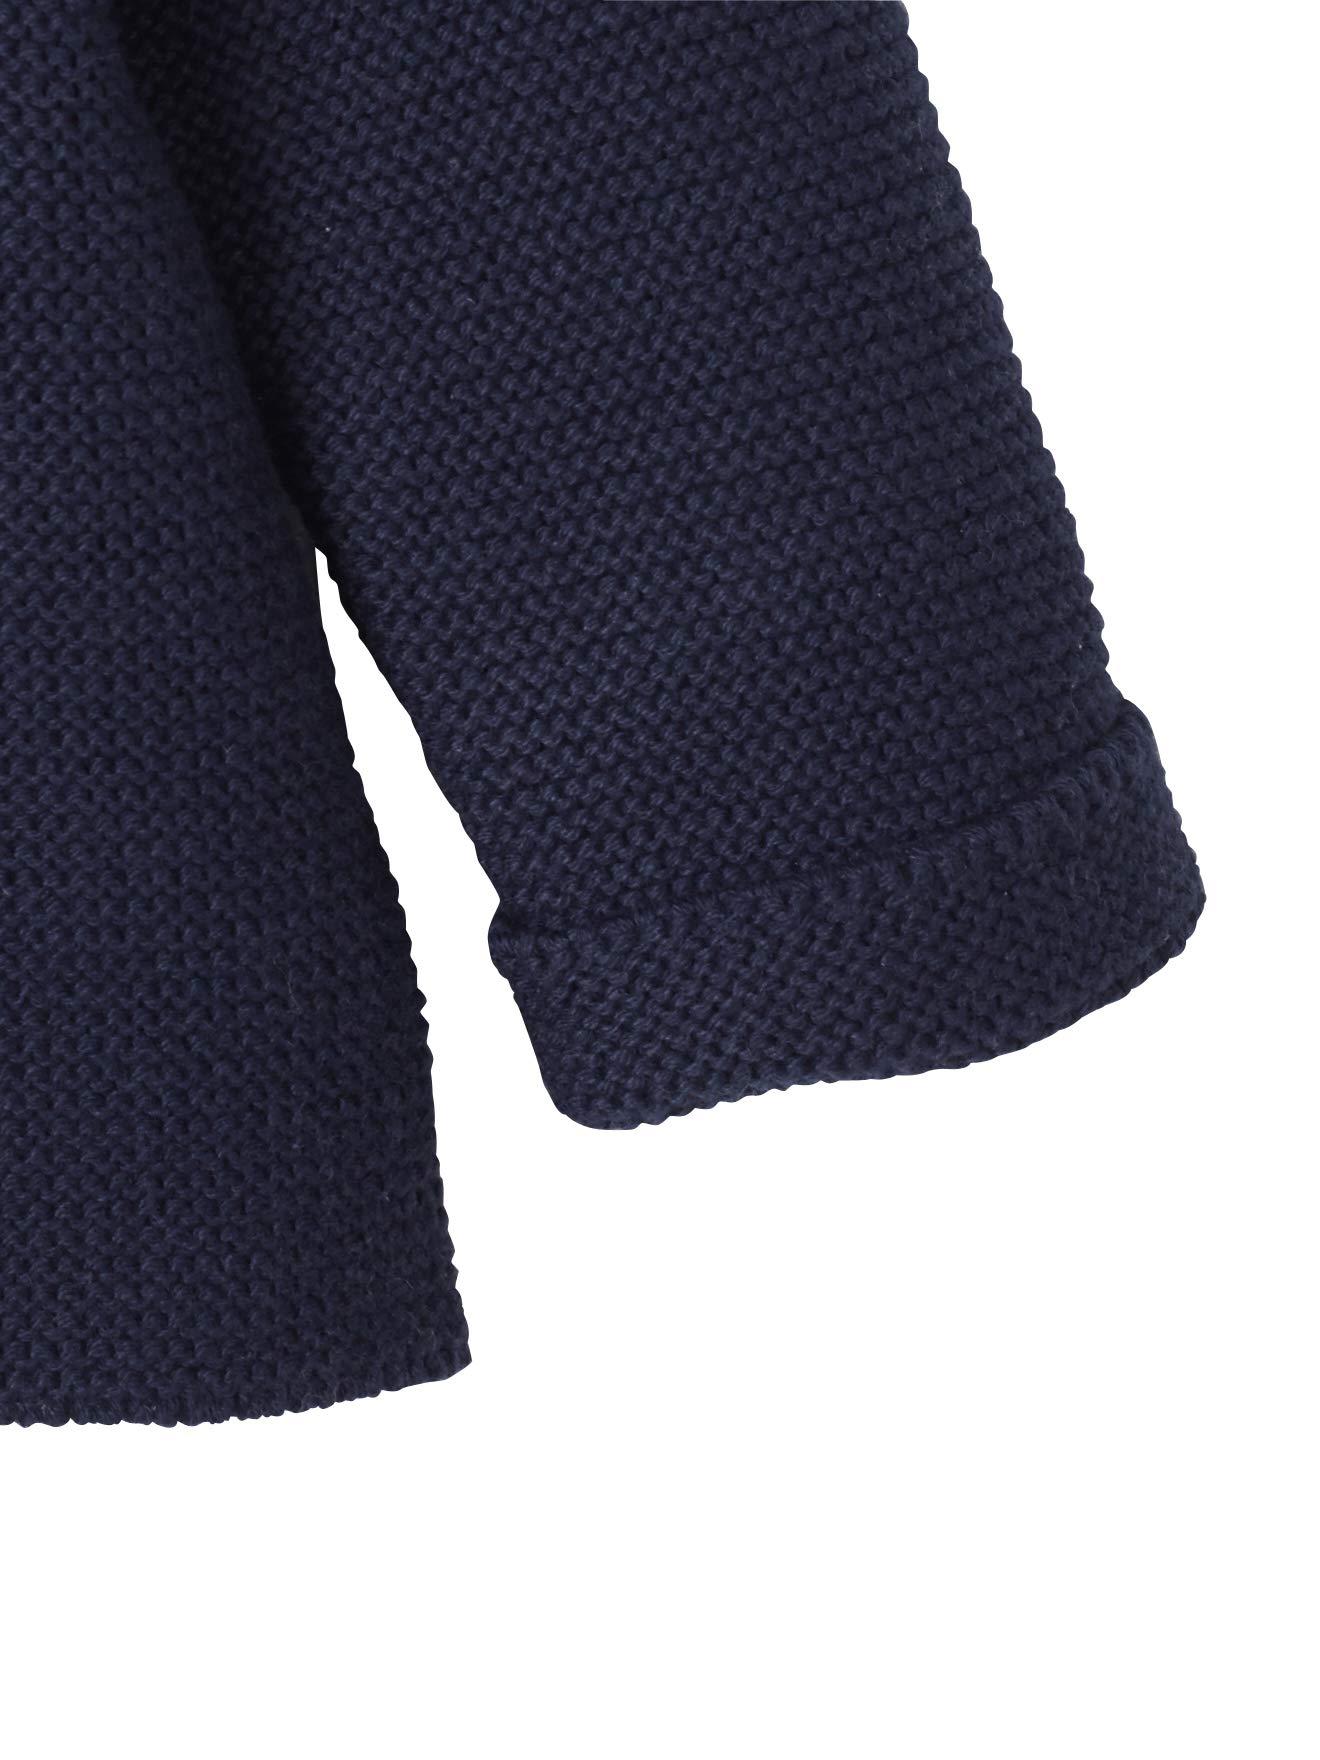 VERTBAUDET Chaqueta bebé recién nacido tricotada de punto bobo BLANCO CLARO LISO 3M-60CM 3